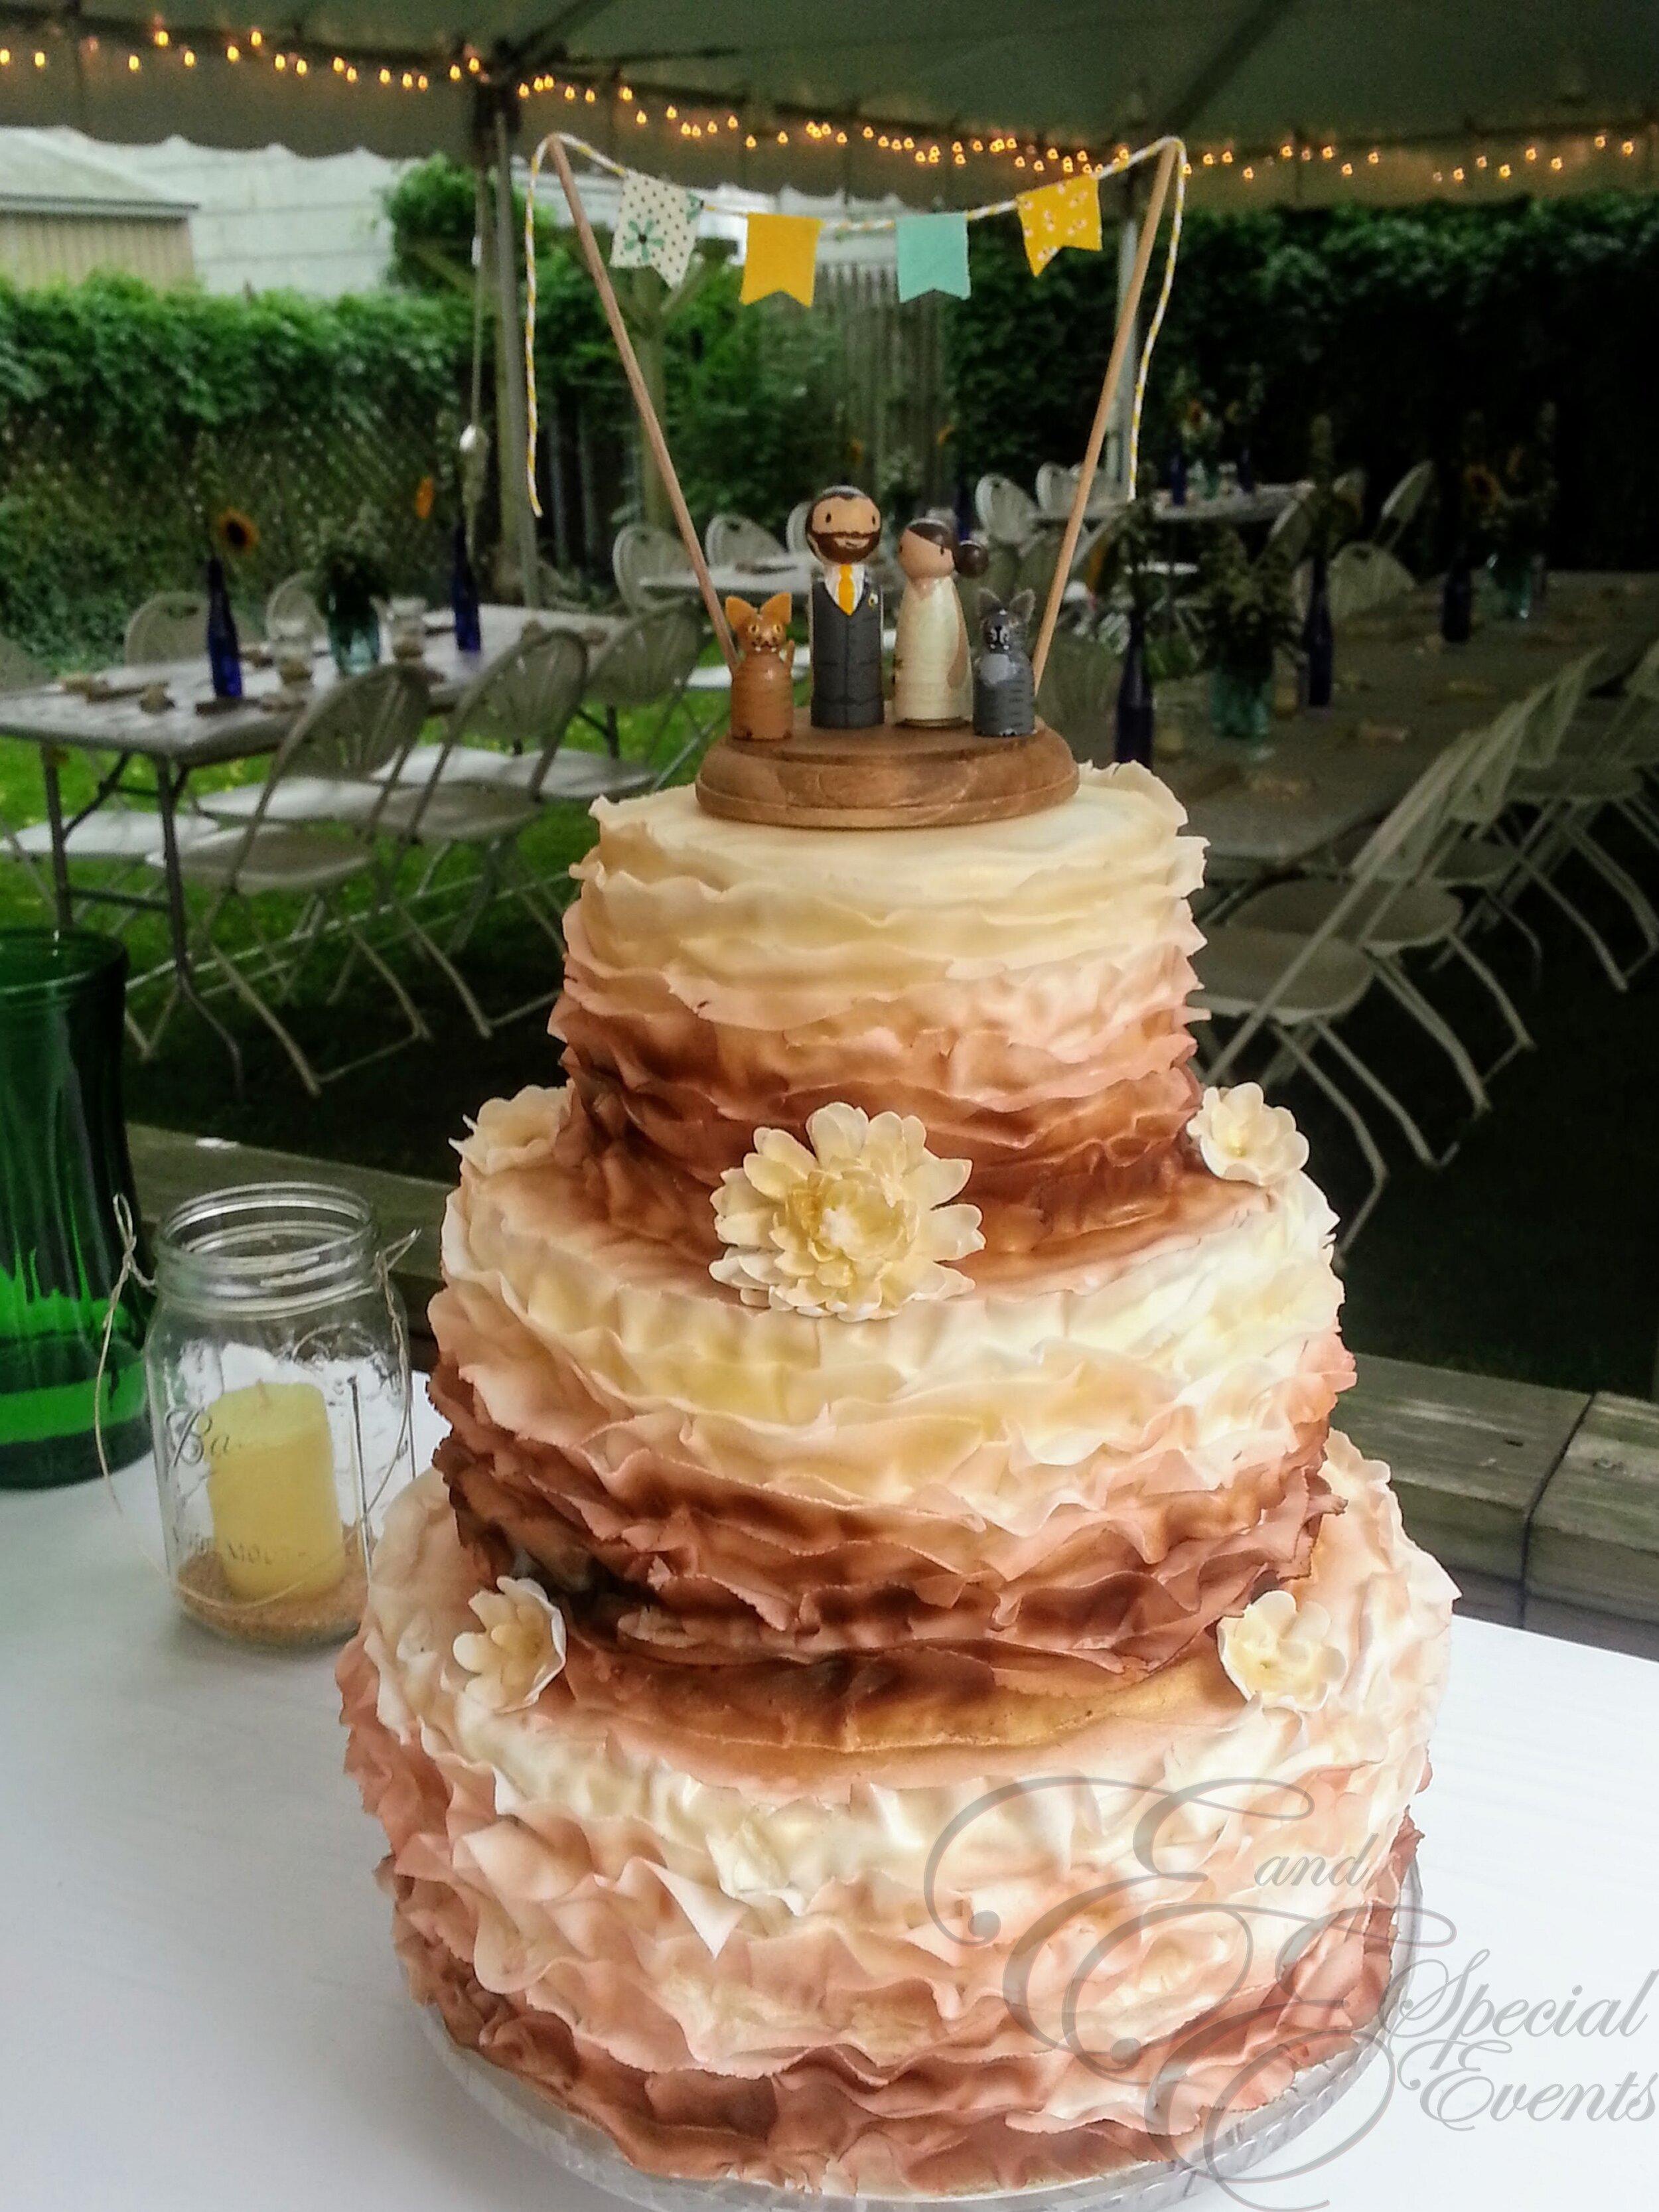 wedding_cakes_E_and_E_Special_Events_virginia_beach_17.jpg